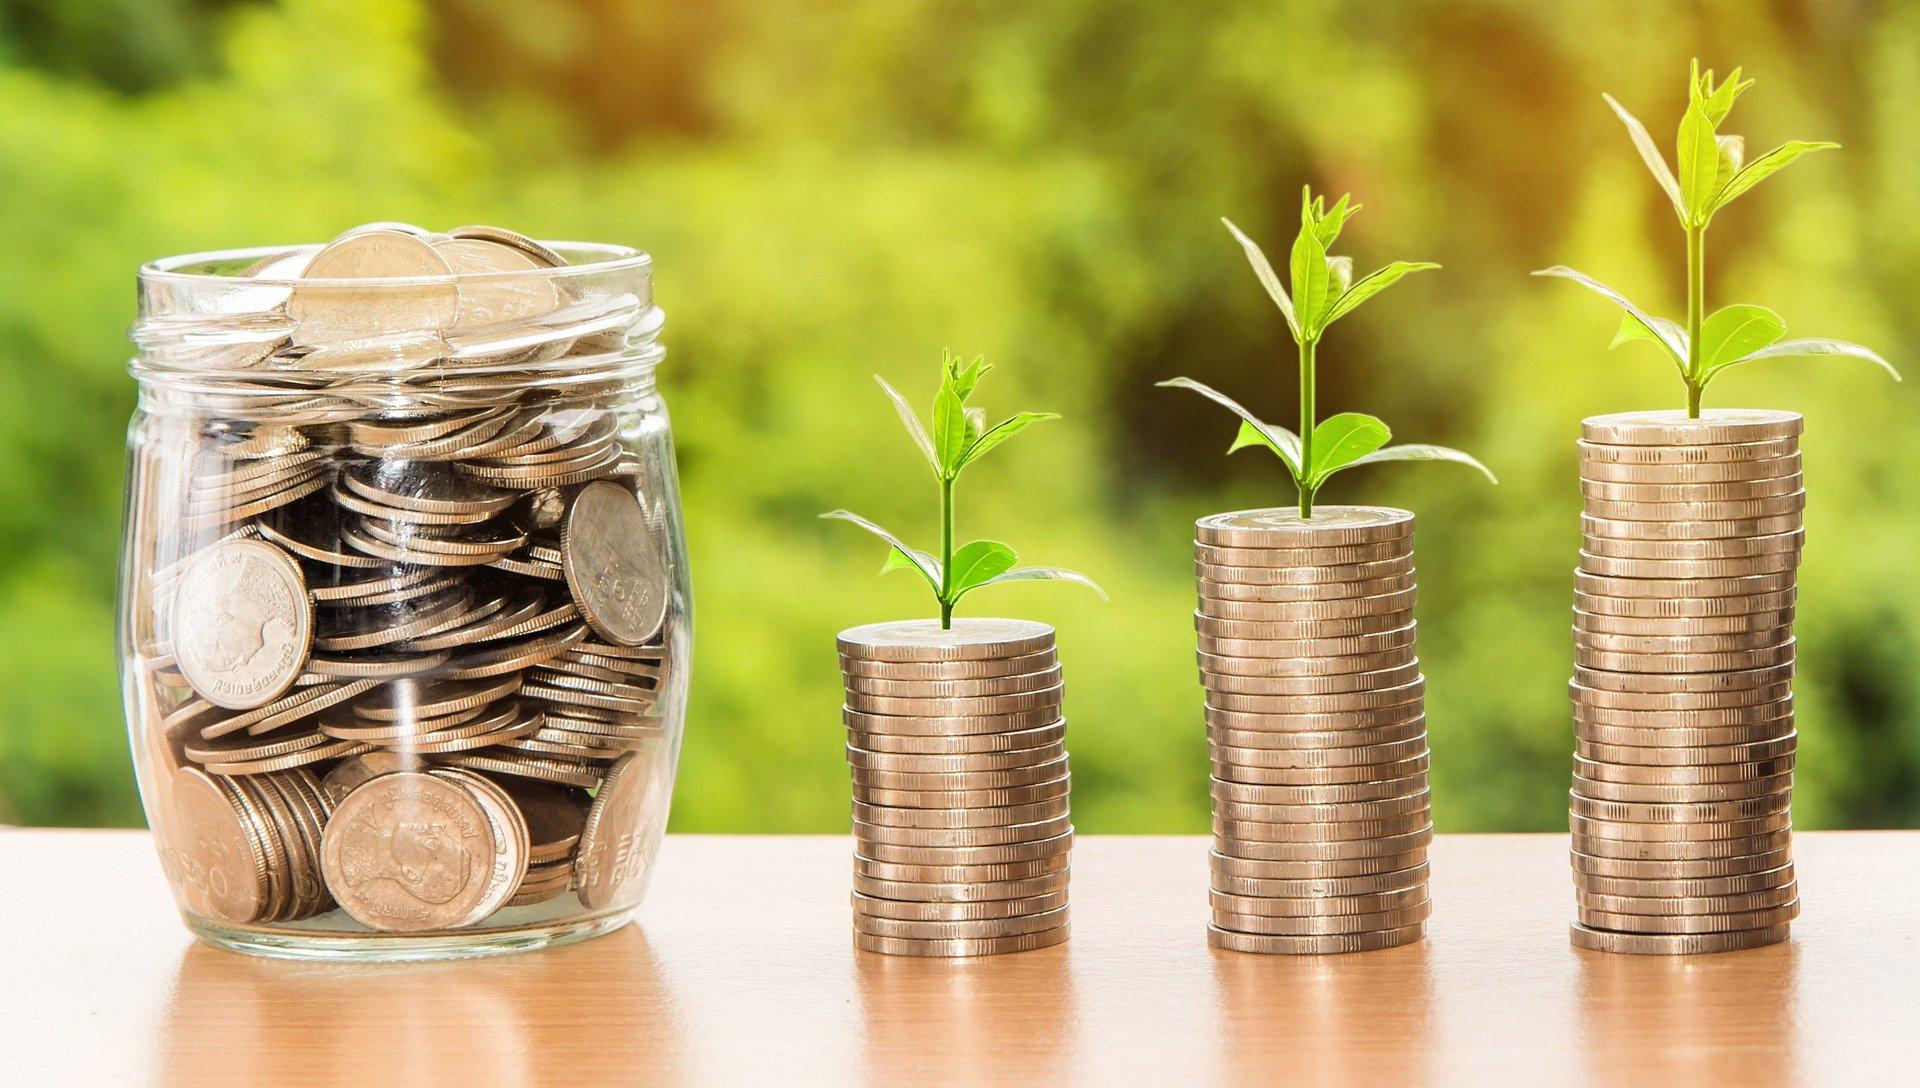 Bankinter, aportaciones, crisis económica